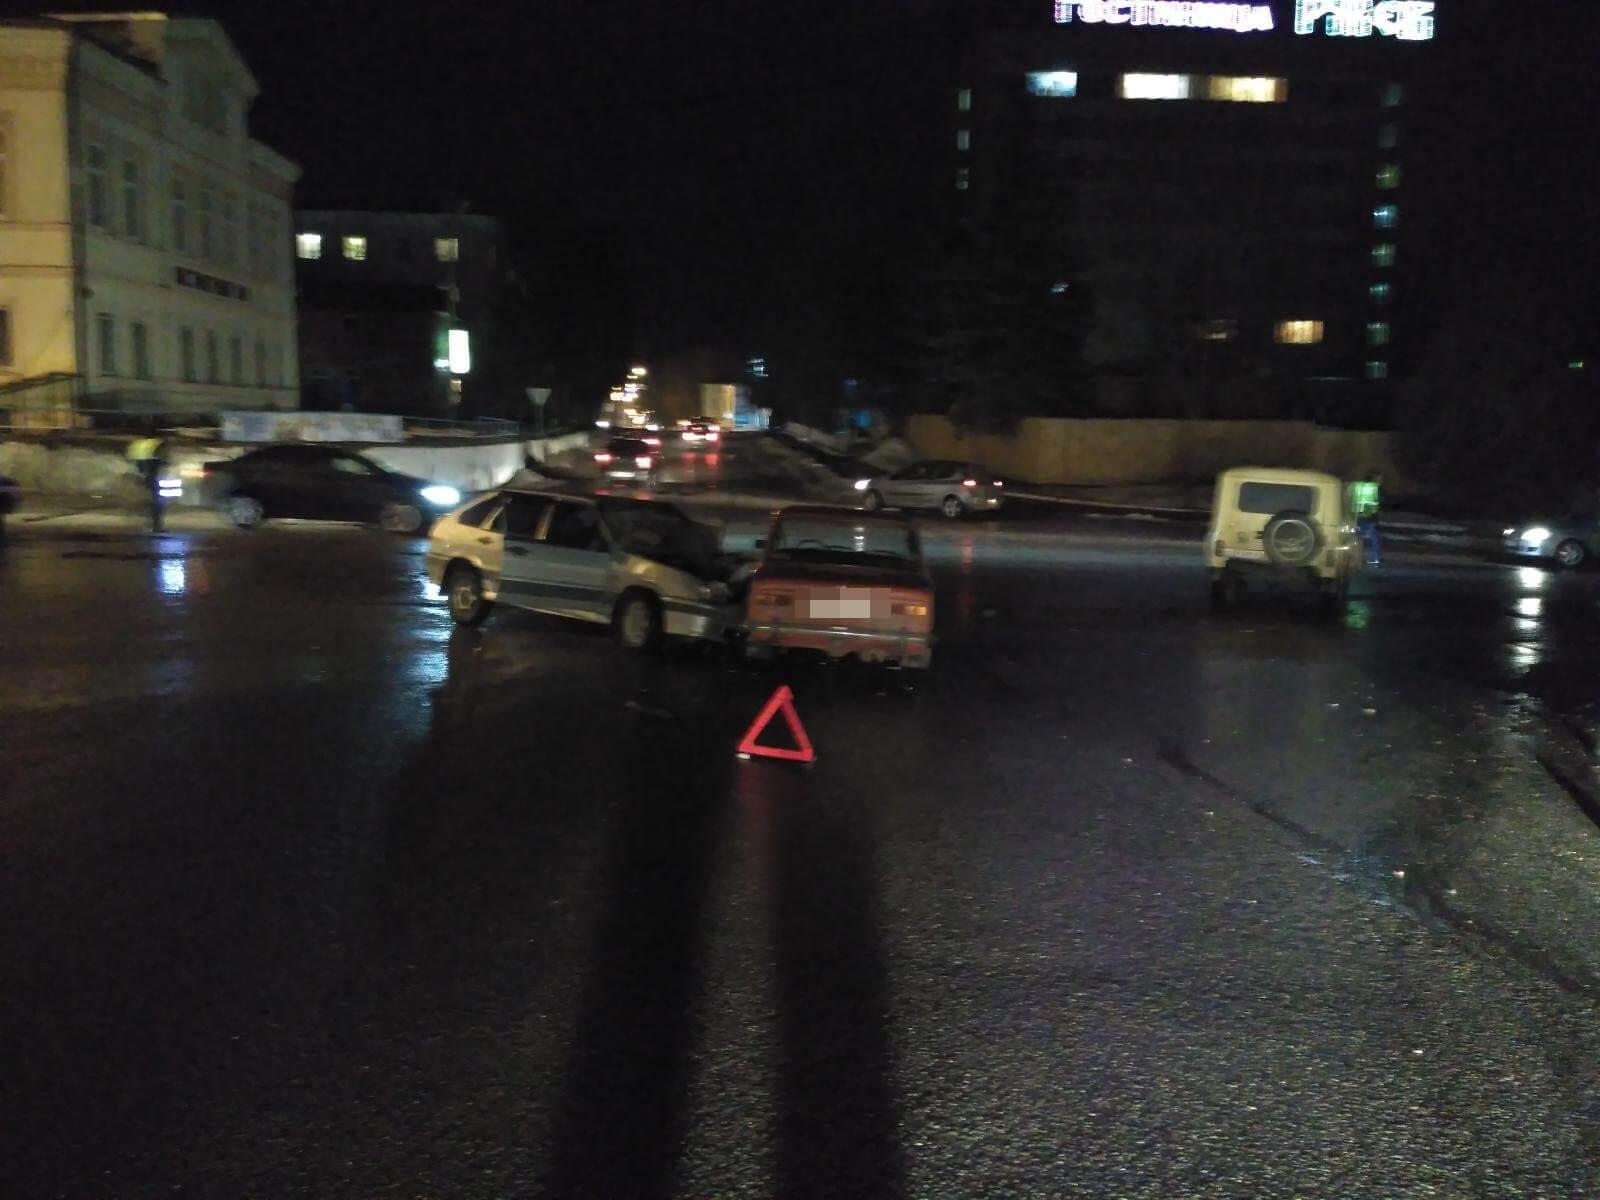 В Тверской области за 3 дня в 11 ДТП 3 человека погибли и 14 человек пострадали